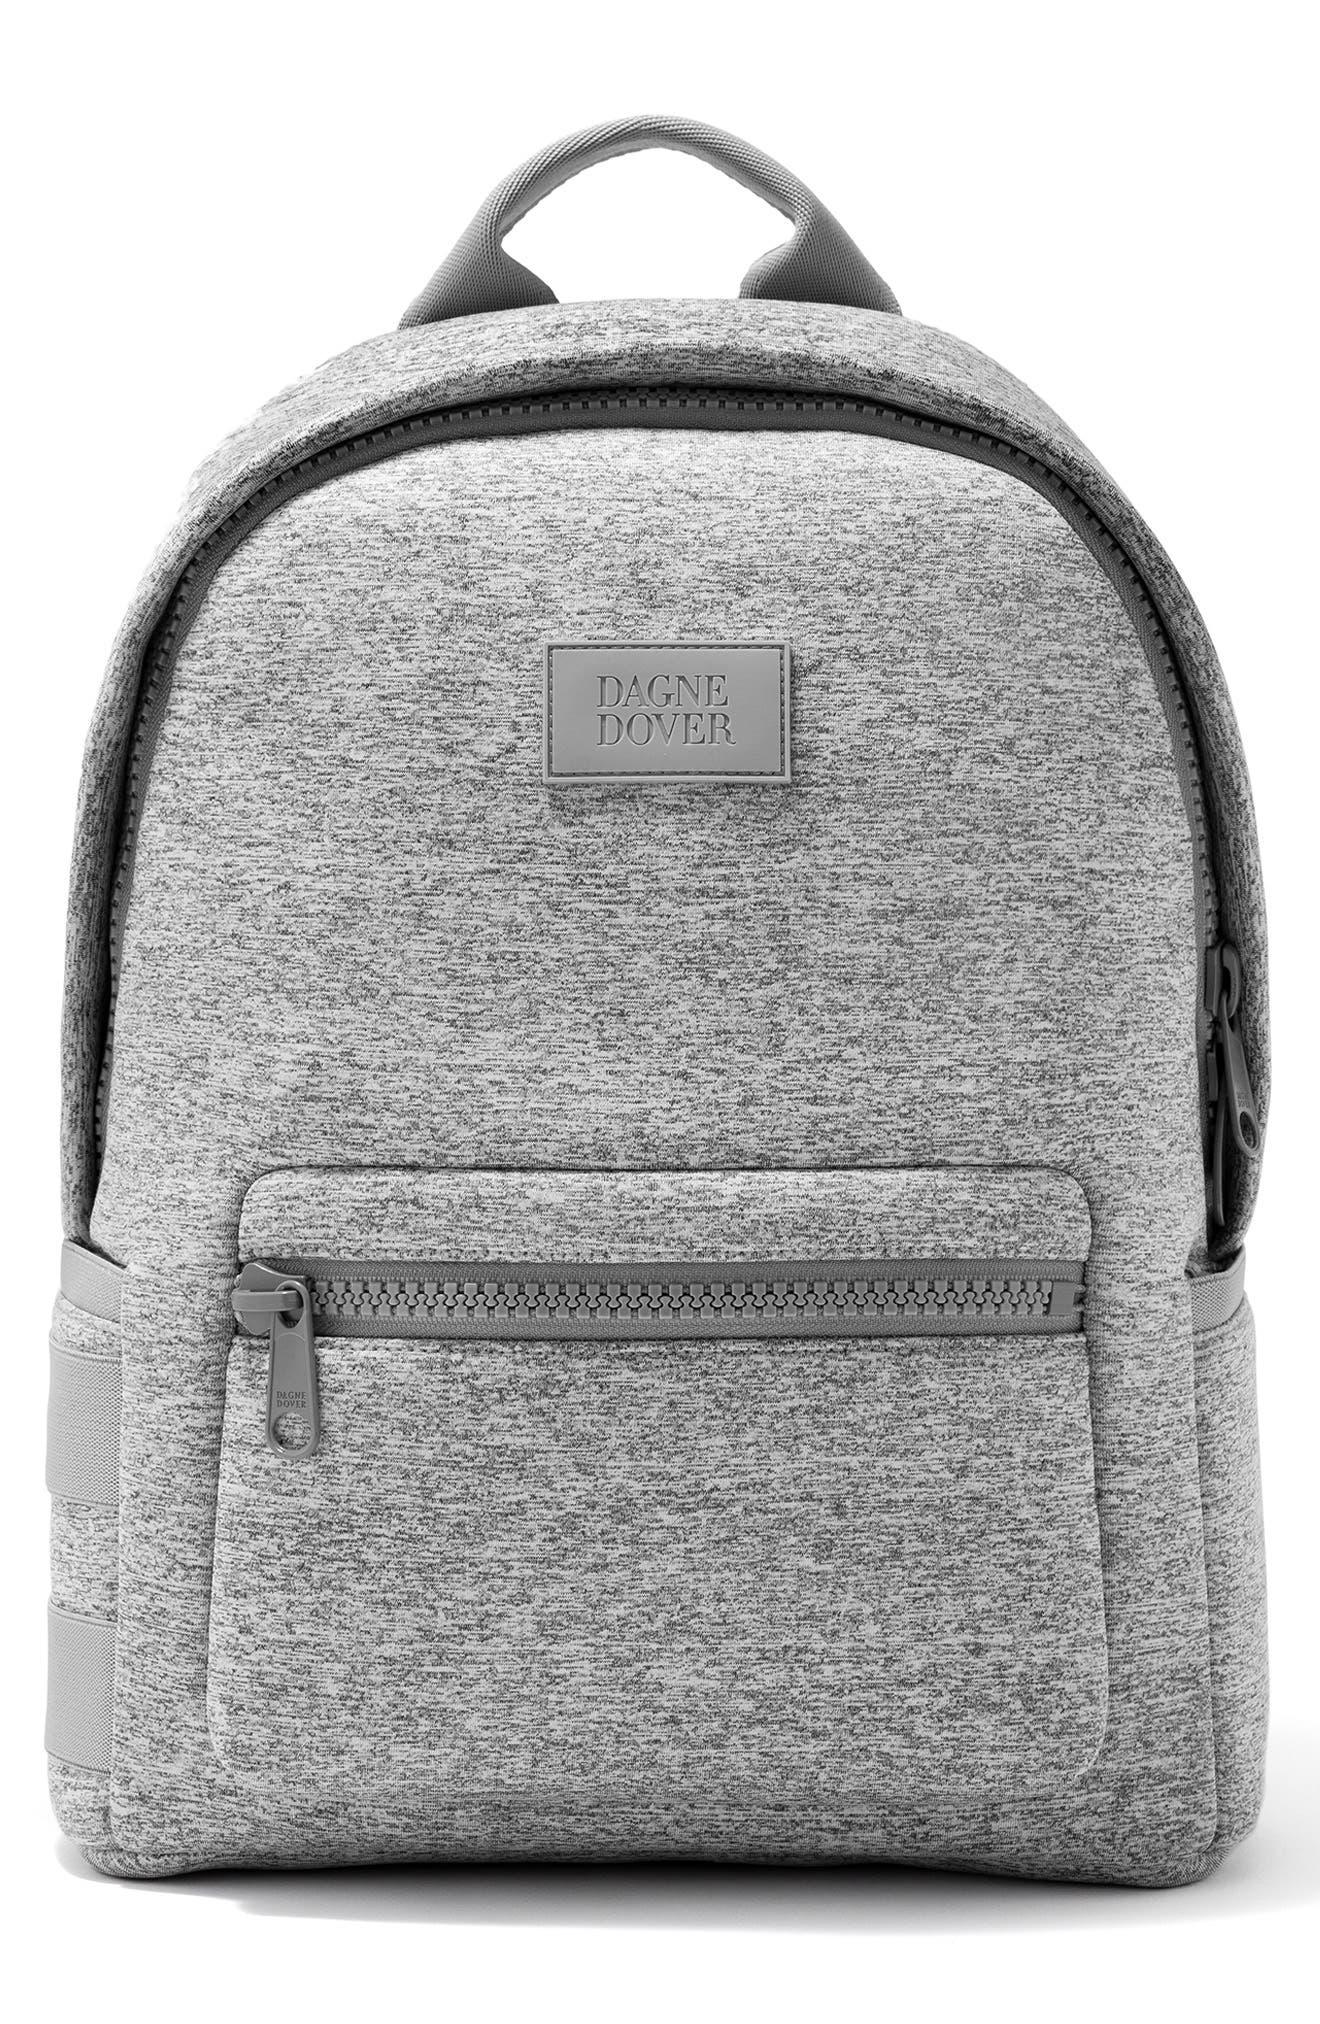 DAGNE DOVER, 365 Dakota Neoprene Backpack, Main thumbnail 1, color, HEATHER GREY